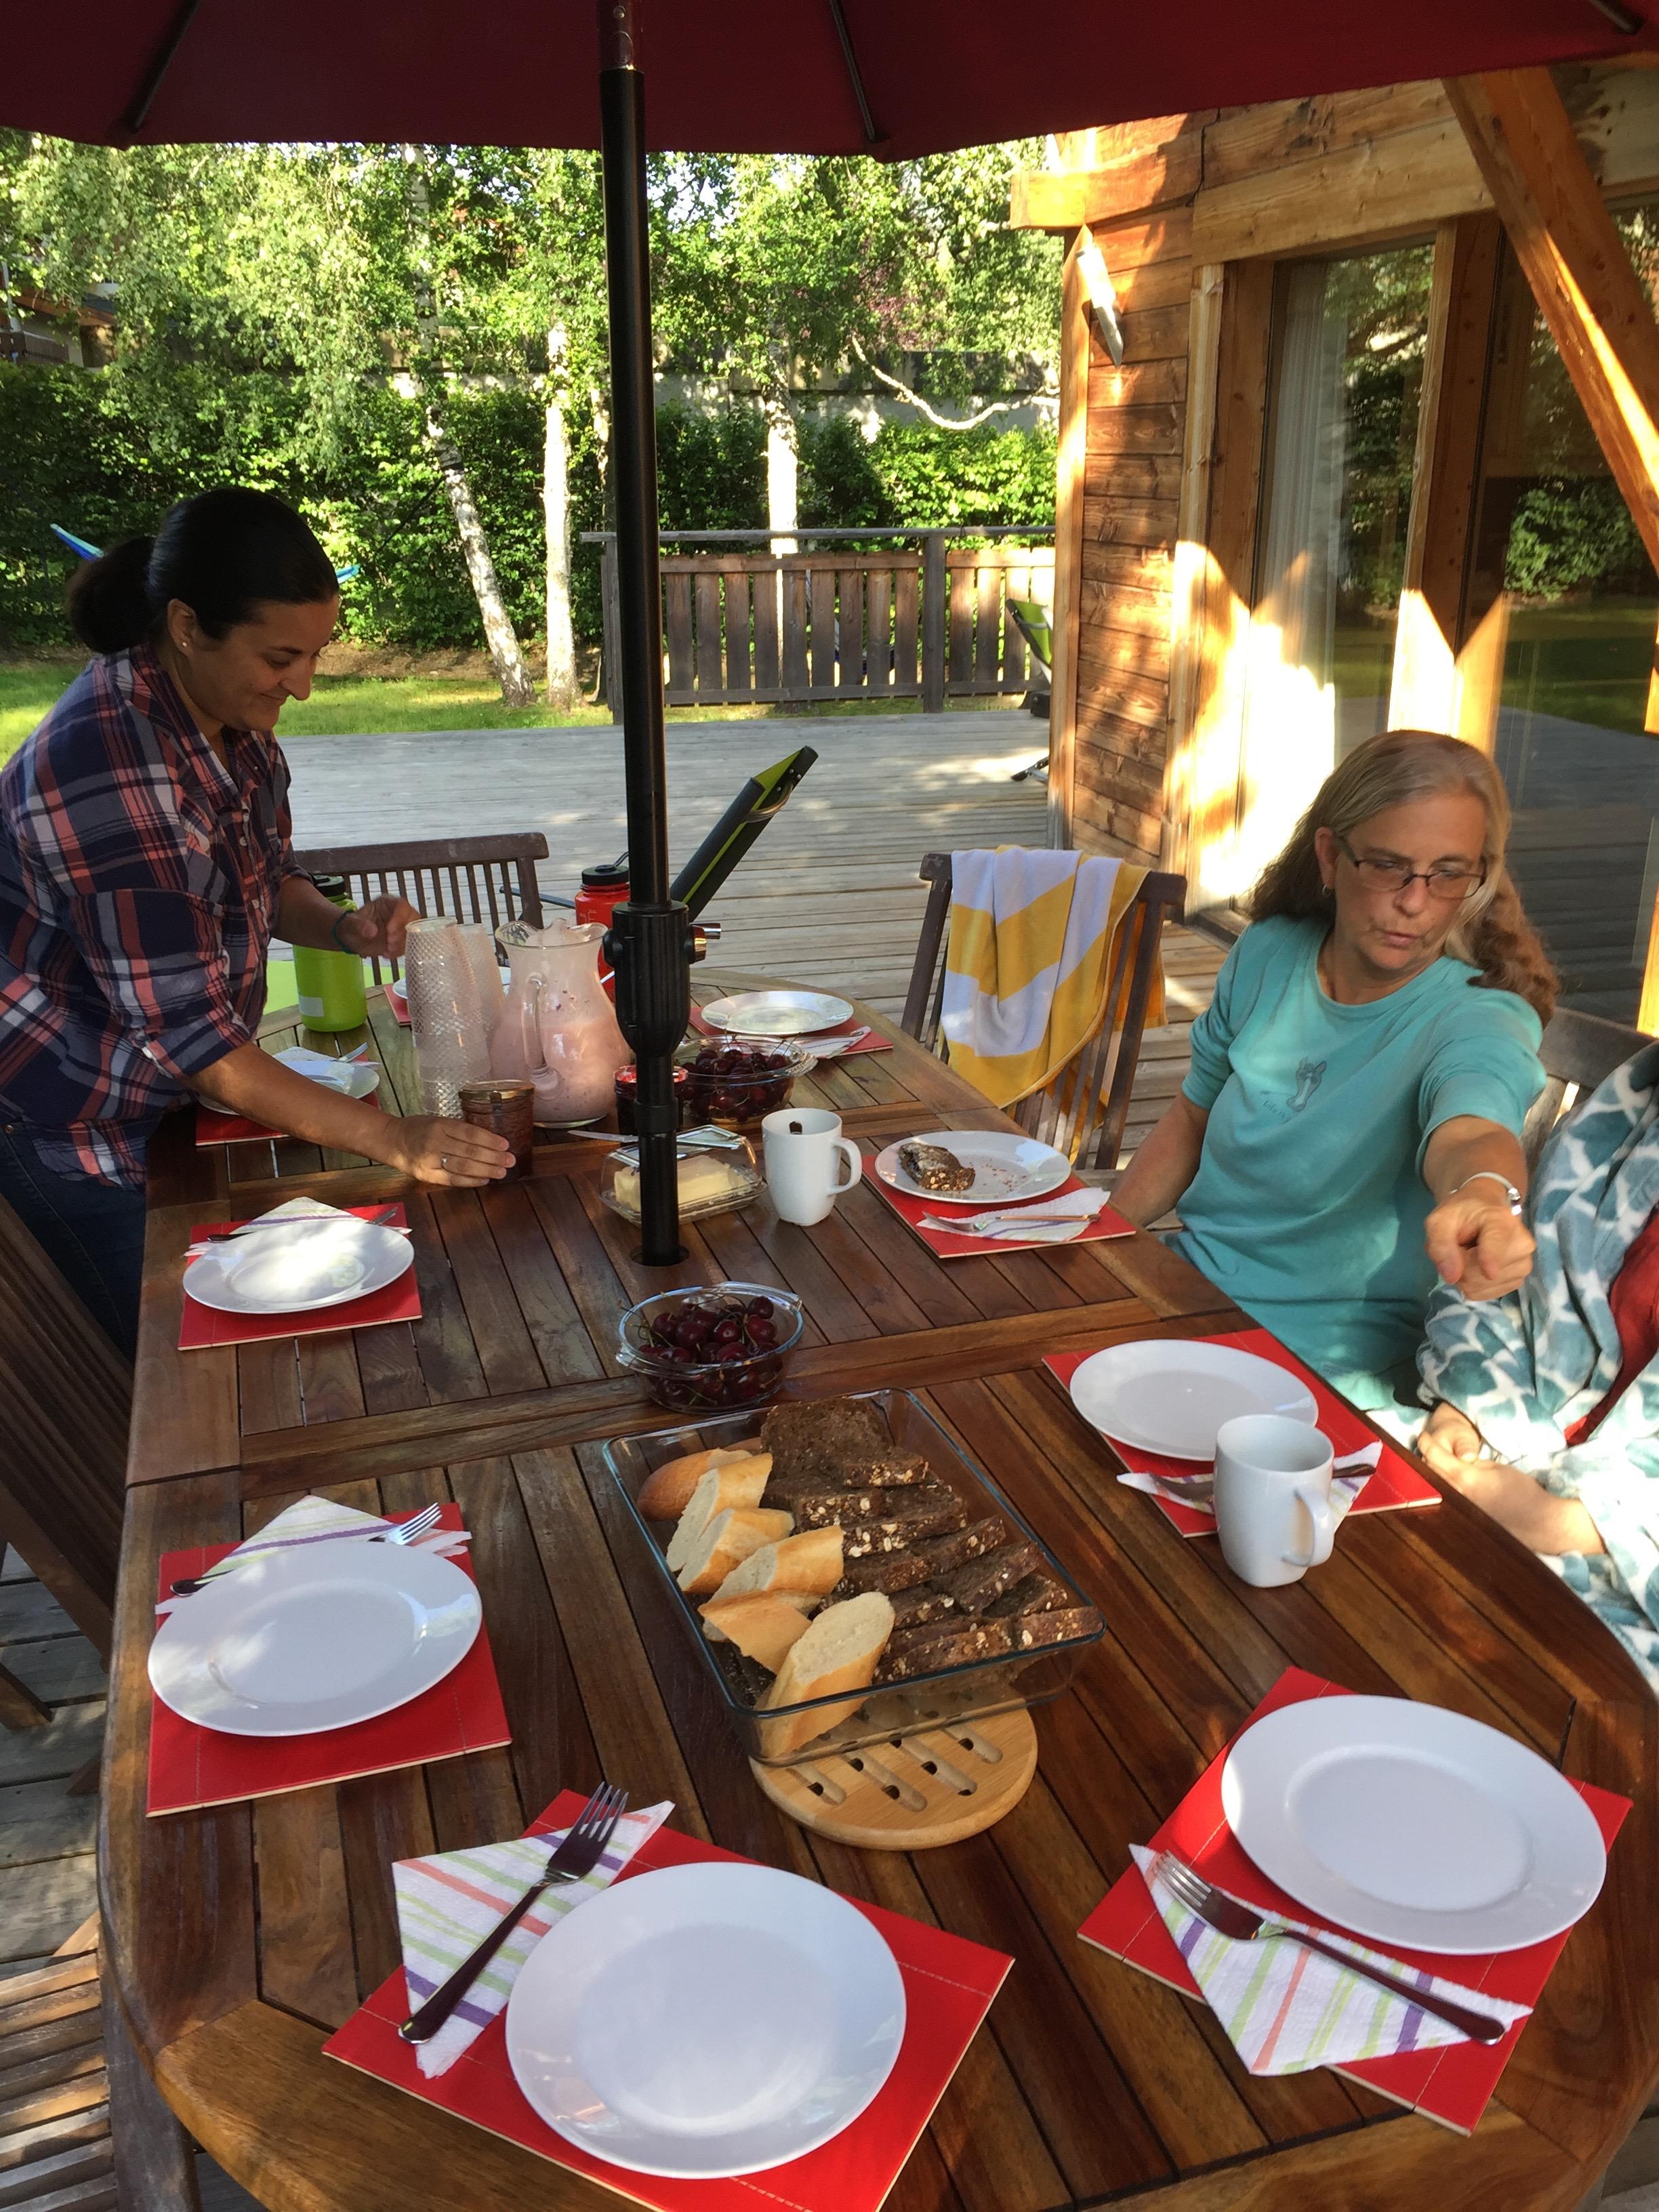 Breakfast in Chamonix